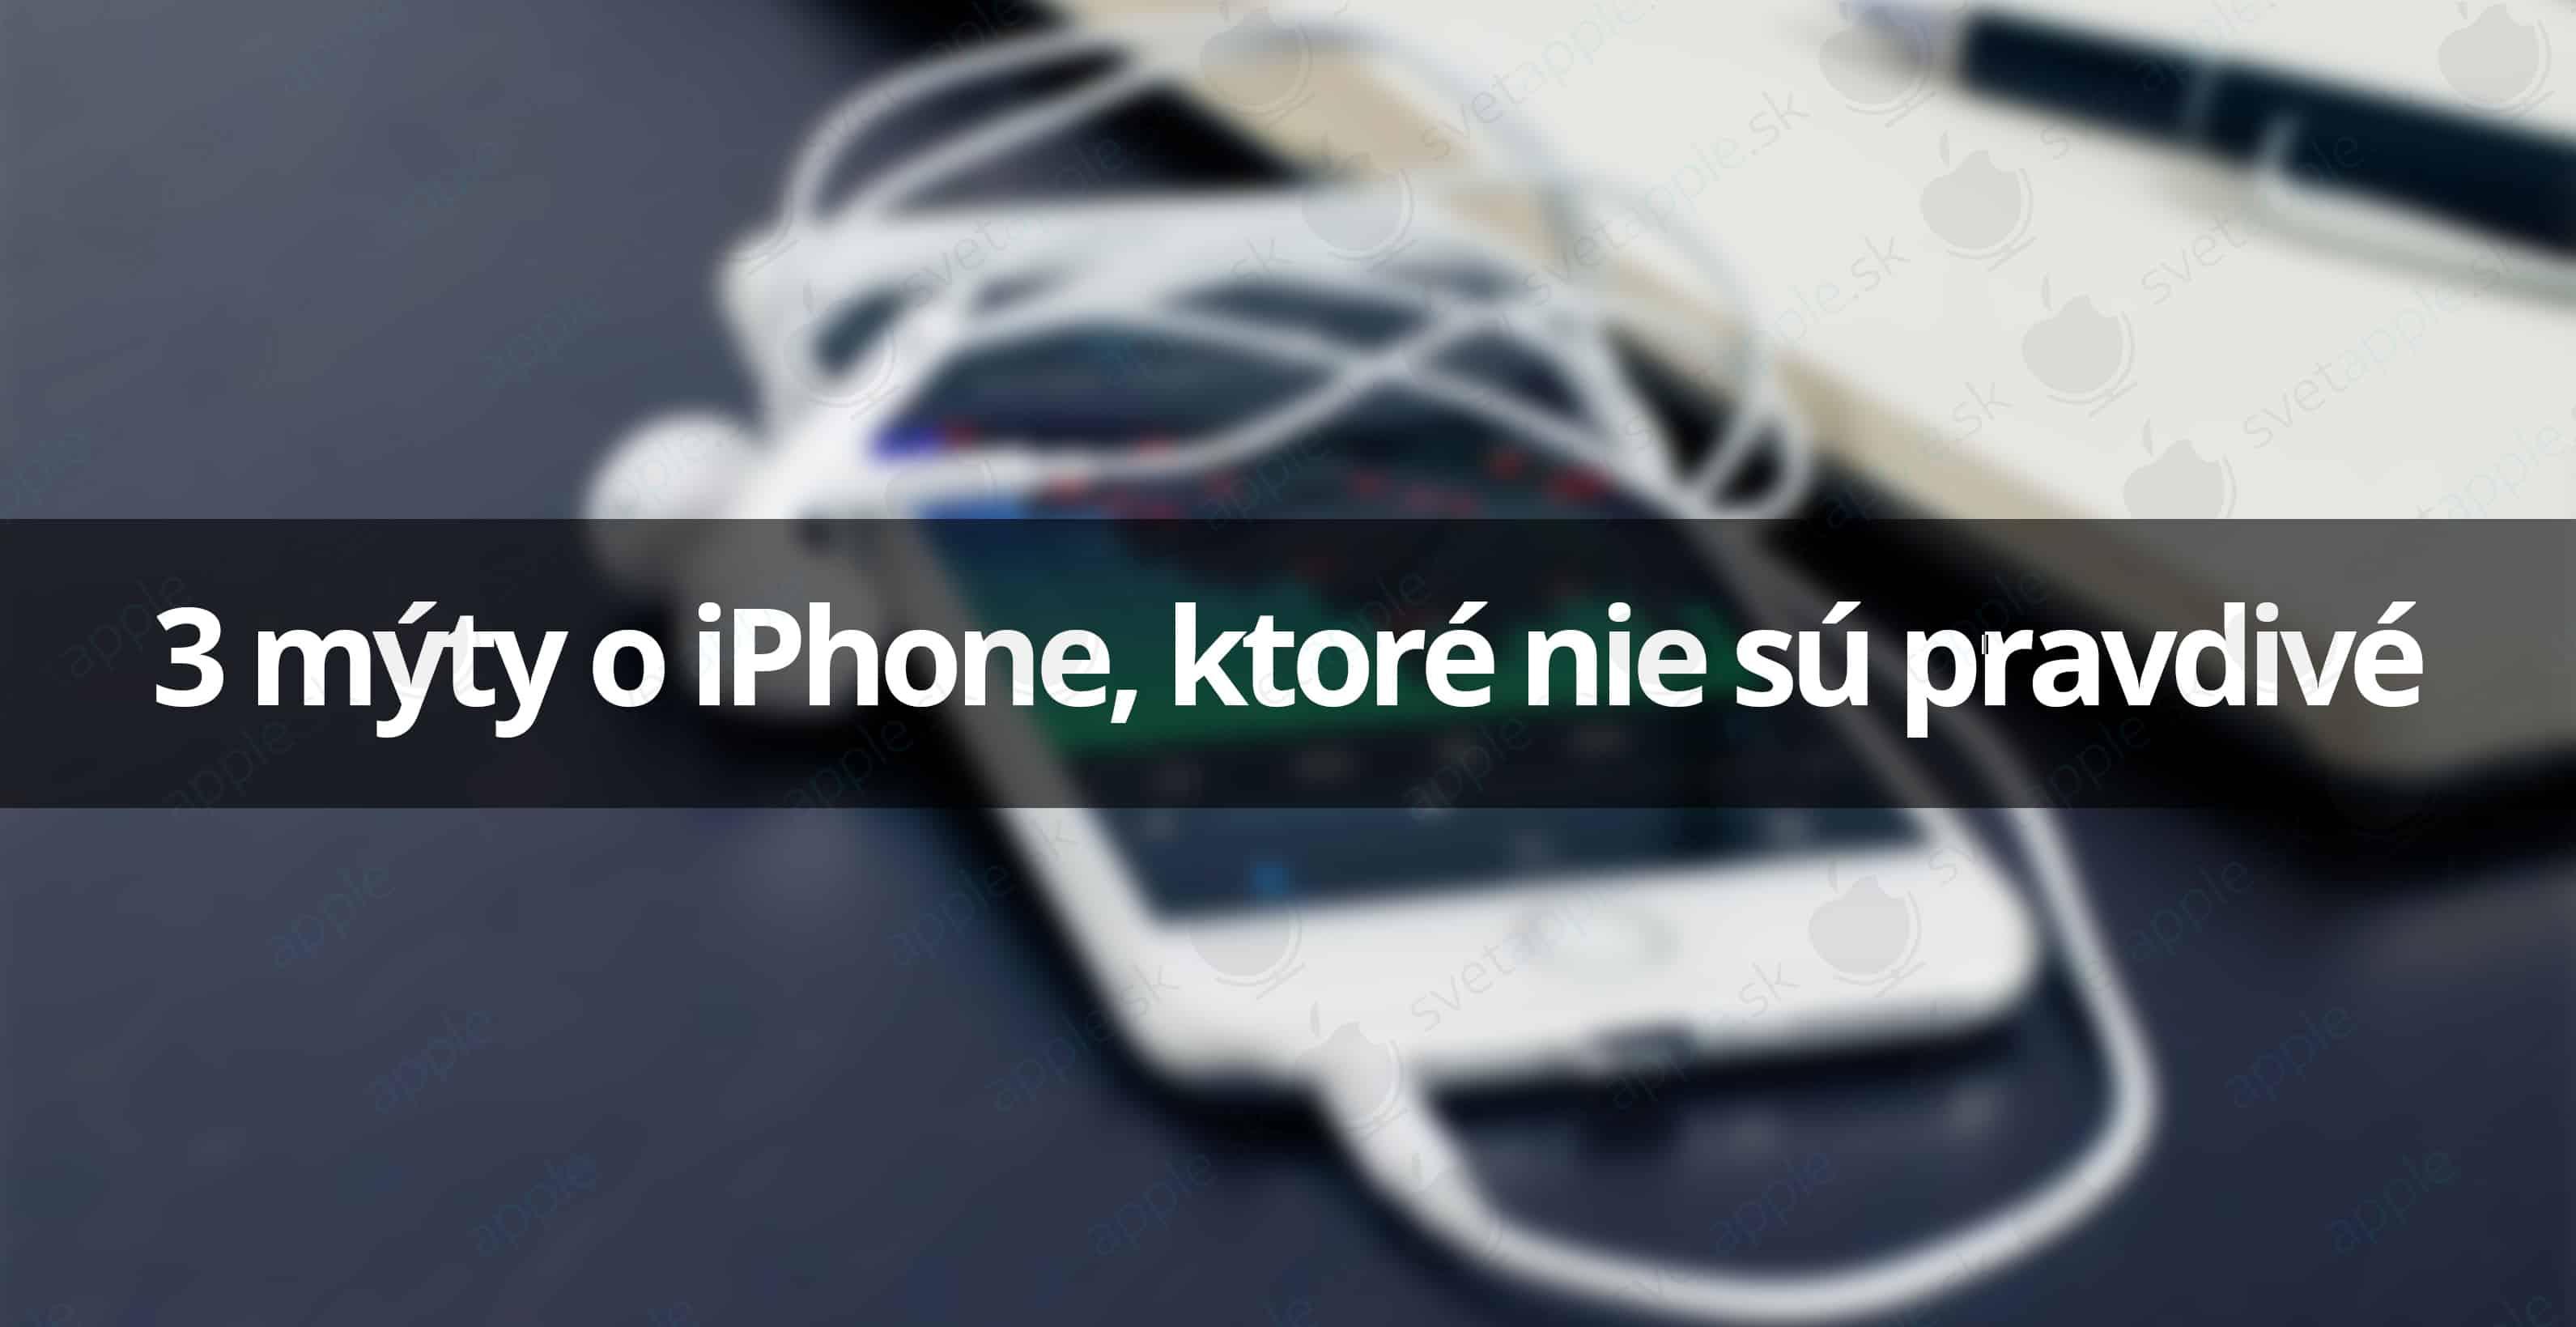 3myty-iphone---titulná-fotografia---SvetApple